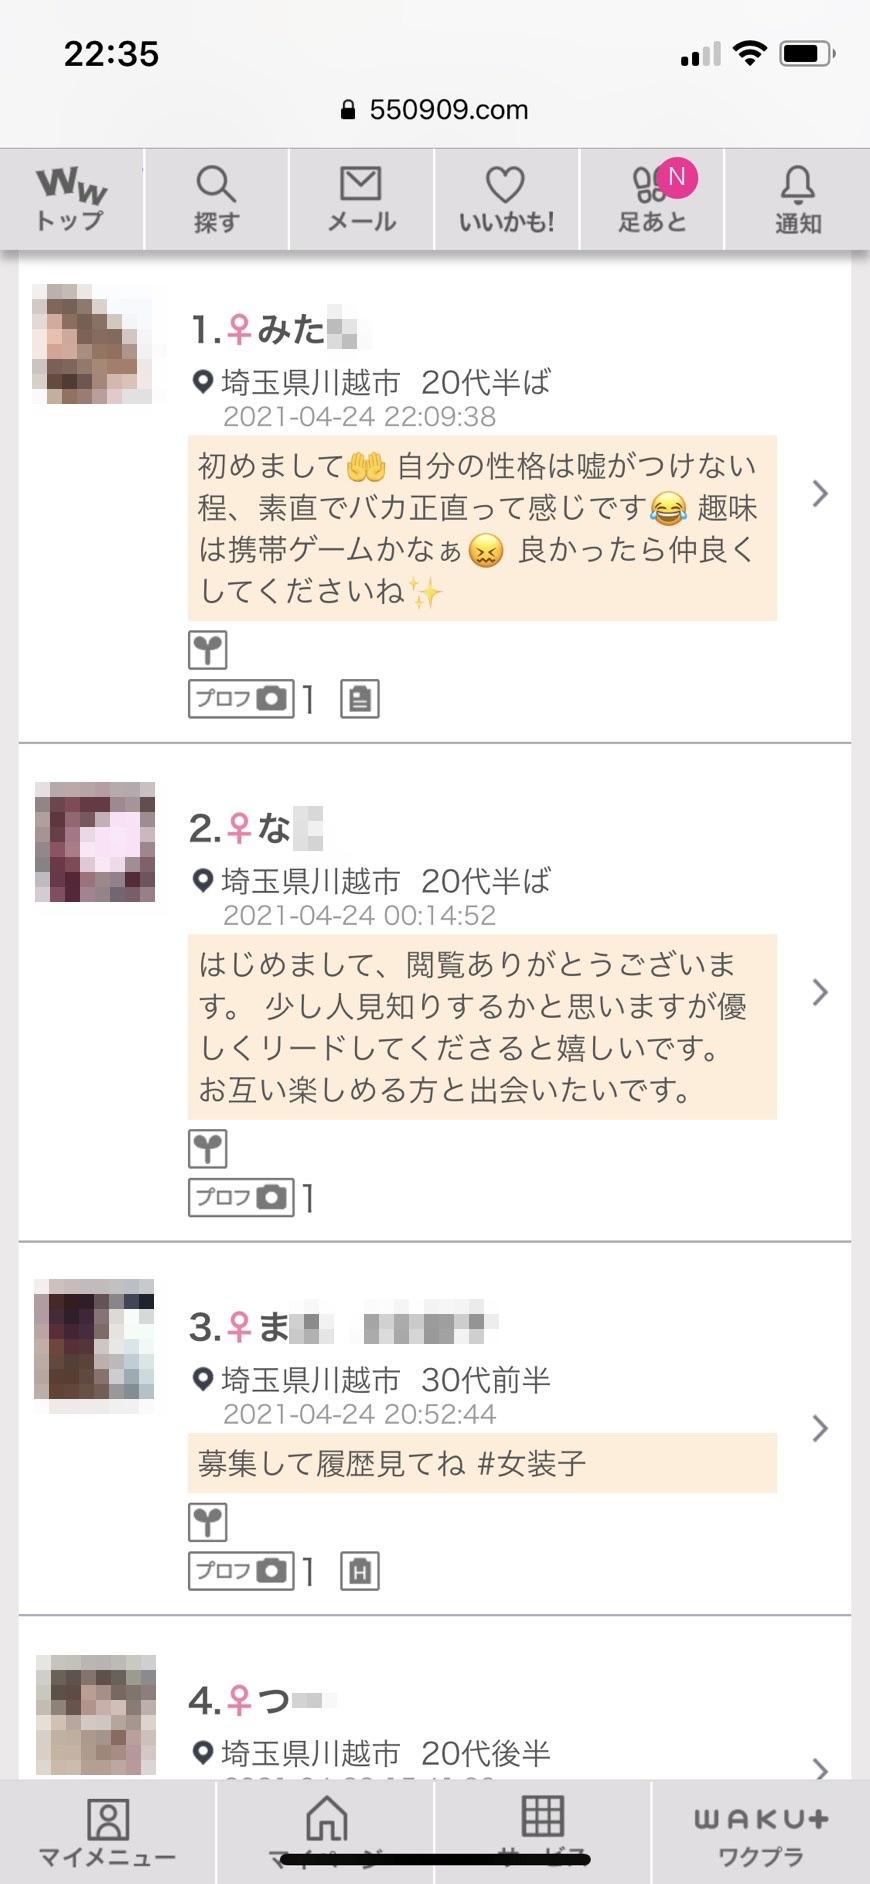 川越・出会い希望(ワクワクメール)